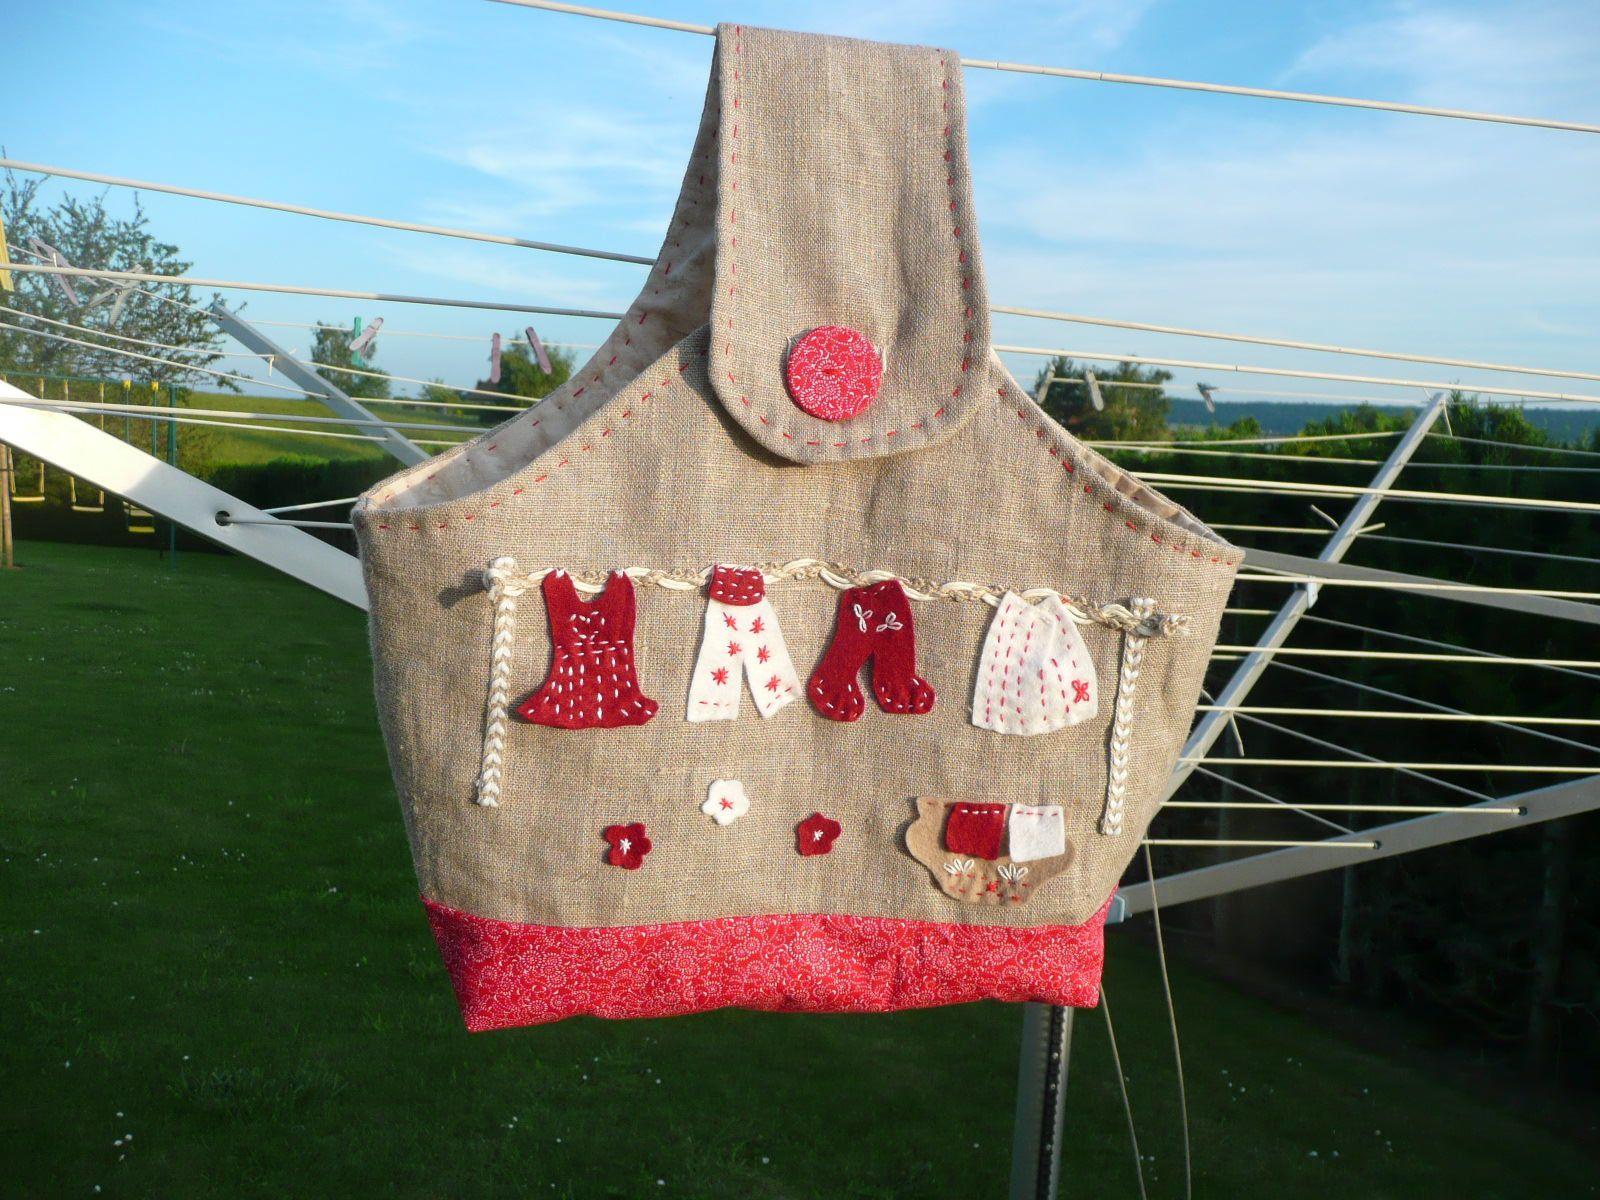 sac pour pinces linge passions et loisirs de nicole. Black Bedroom Furniture Sets. Home Design Ideas